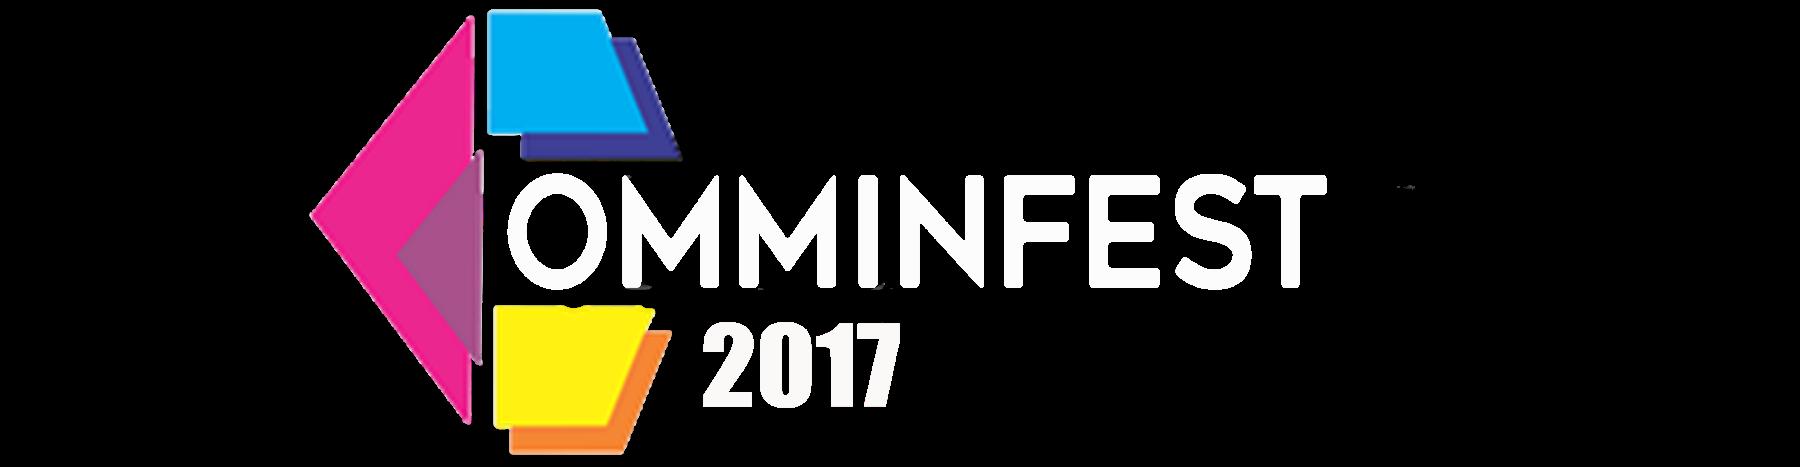 Comminfest